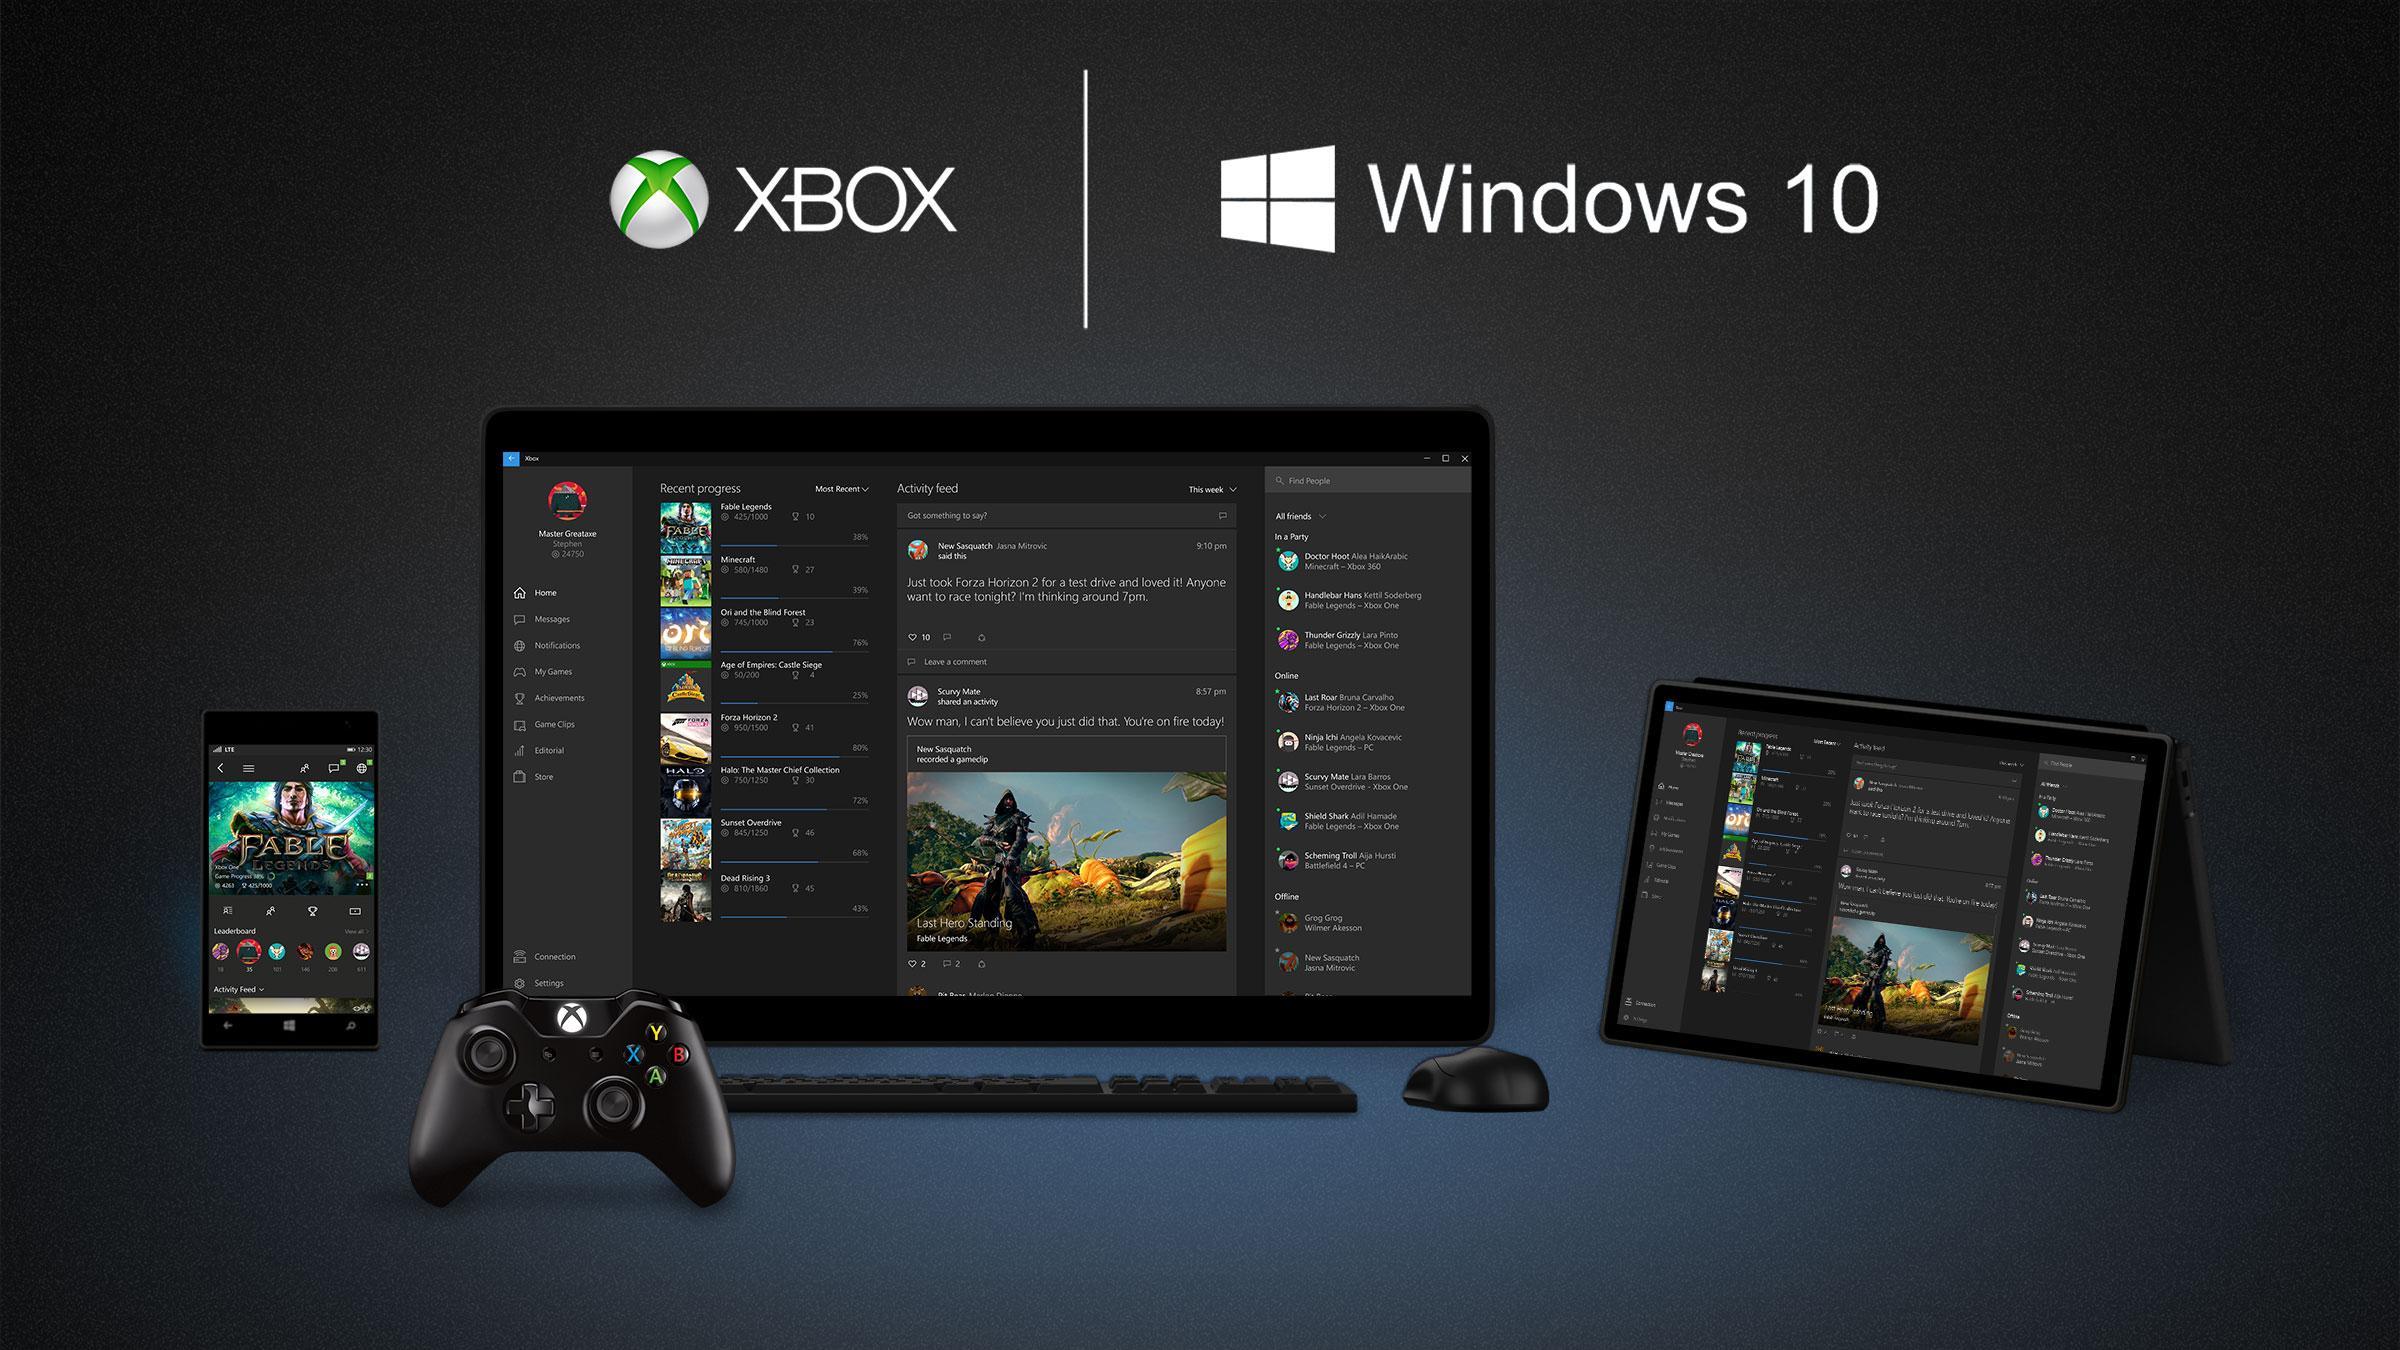 Los juegos de Xbox One comienzan a aparecer en la tienda de Windows 10